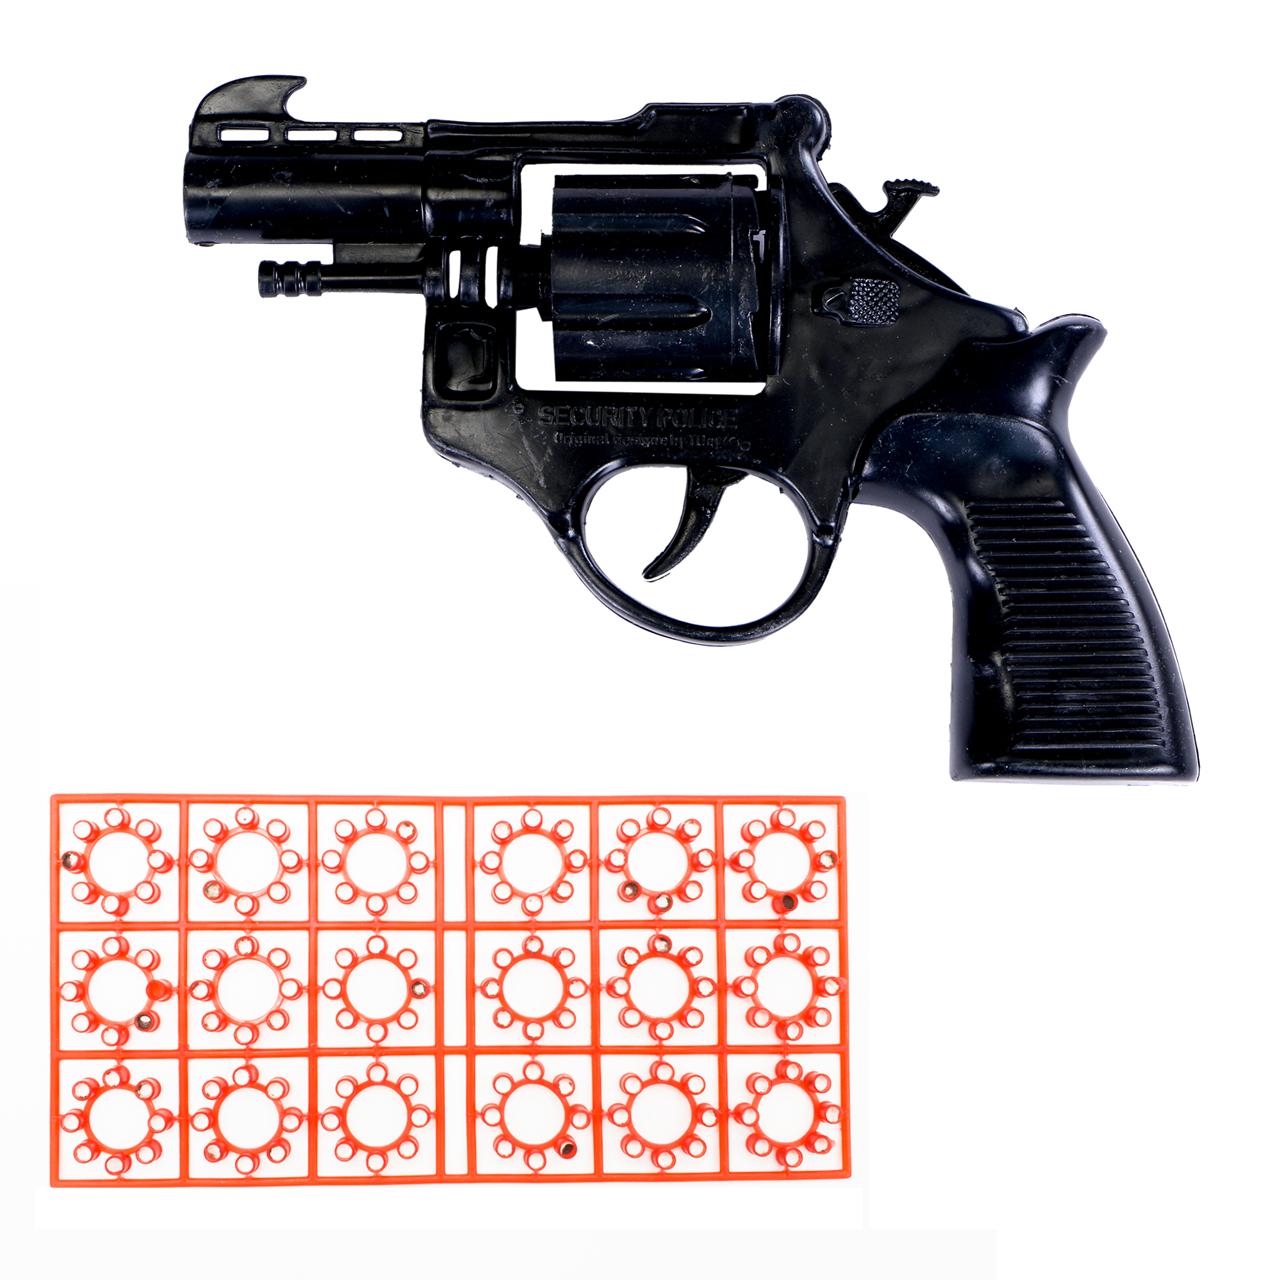 خرید                     تفنگ اسباب بازی مدل ترقه ای به همراه یک بسته تیر